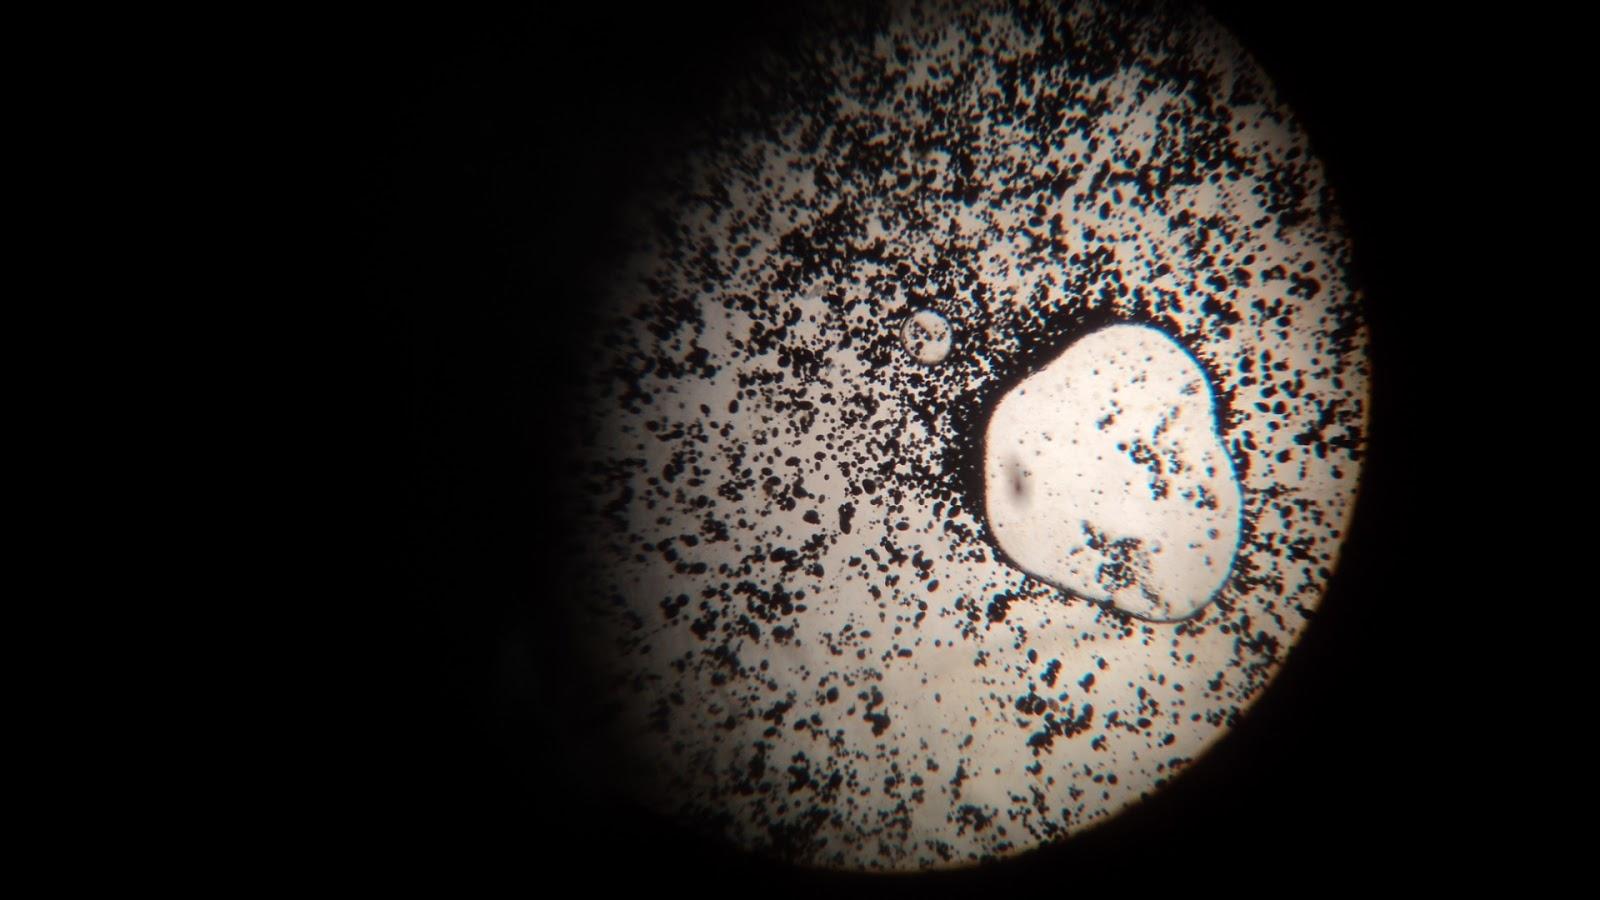 Laporan praktikum pengenalan mikroskop cahaya: contoh laporan